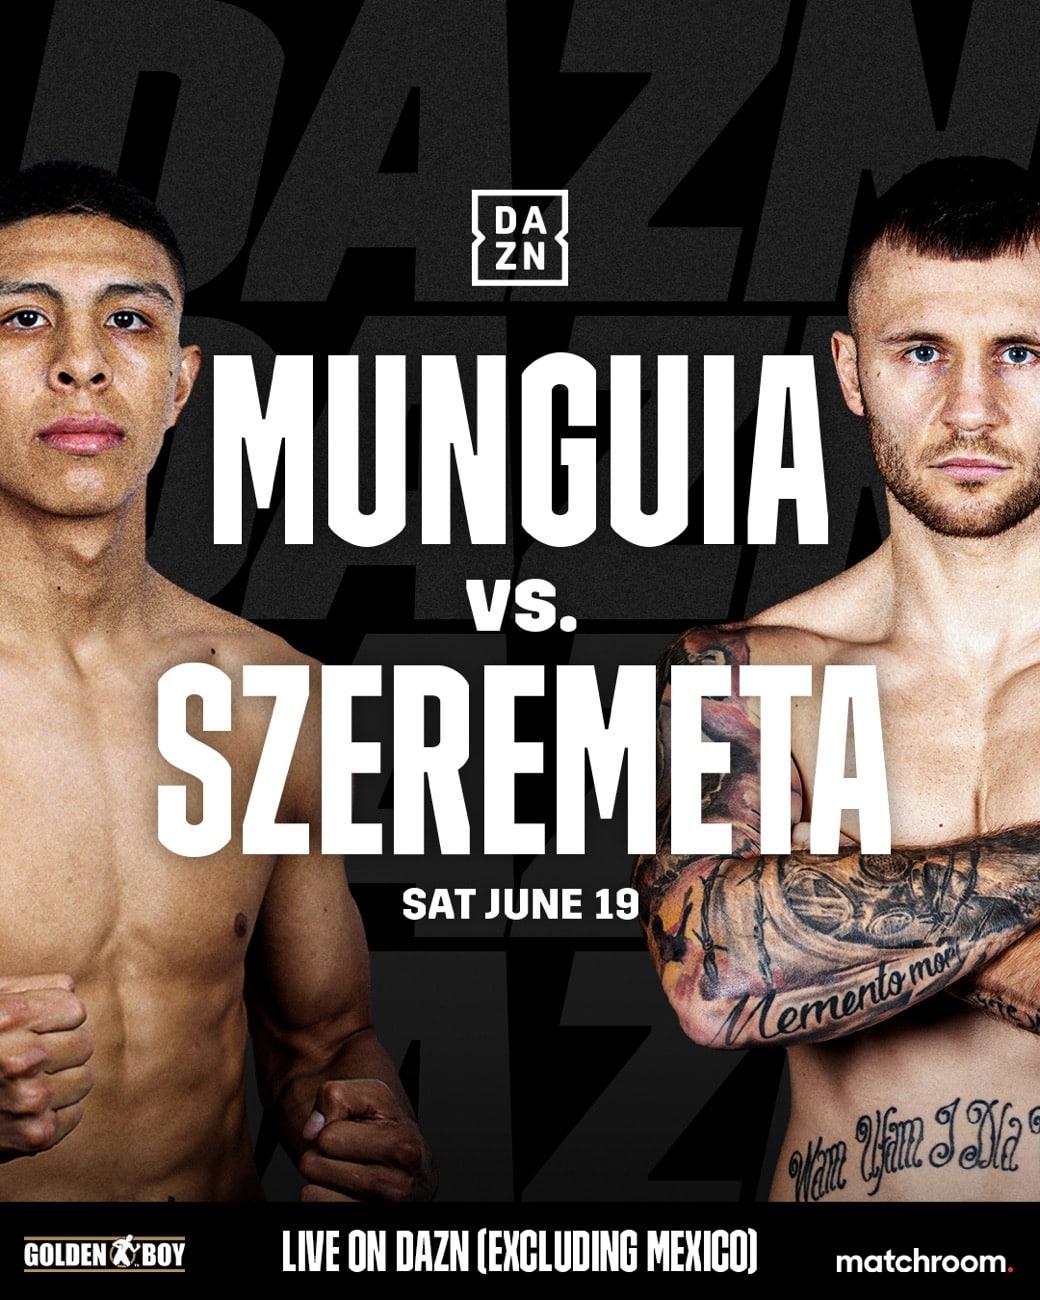 Munguia vs Szeremeta- DAZN - June 19 - 3:30 PM ET